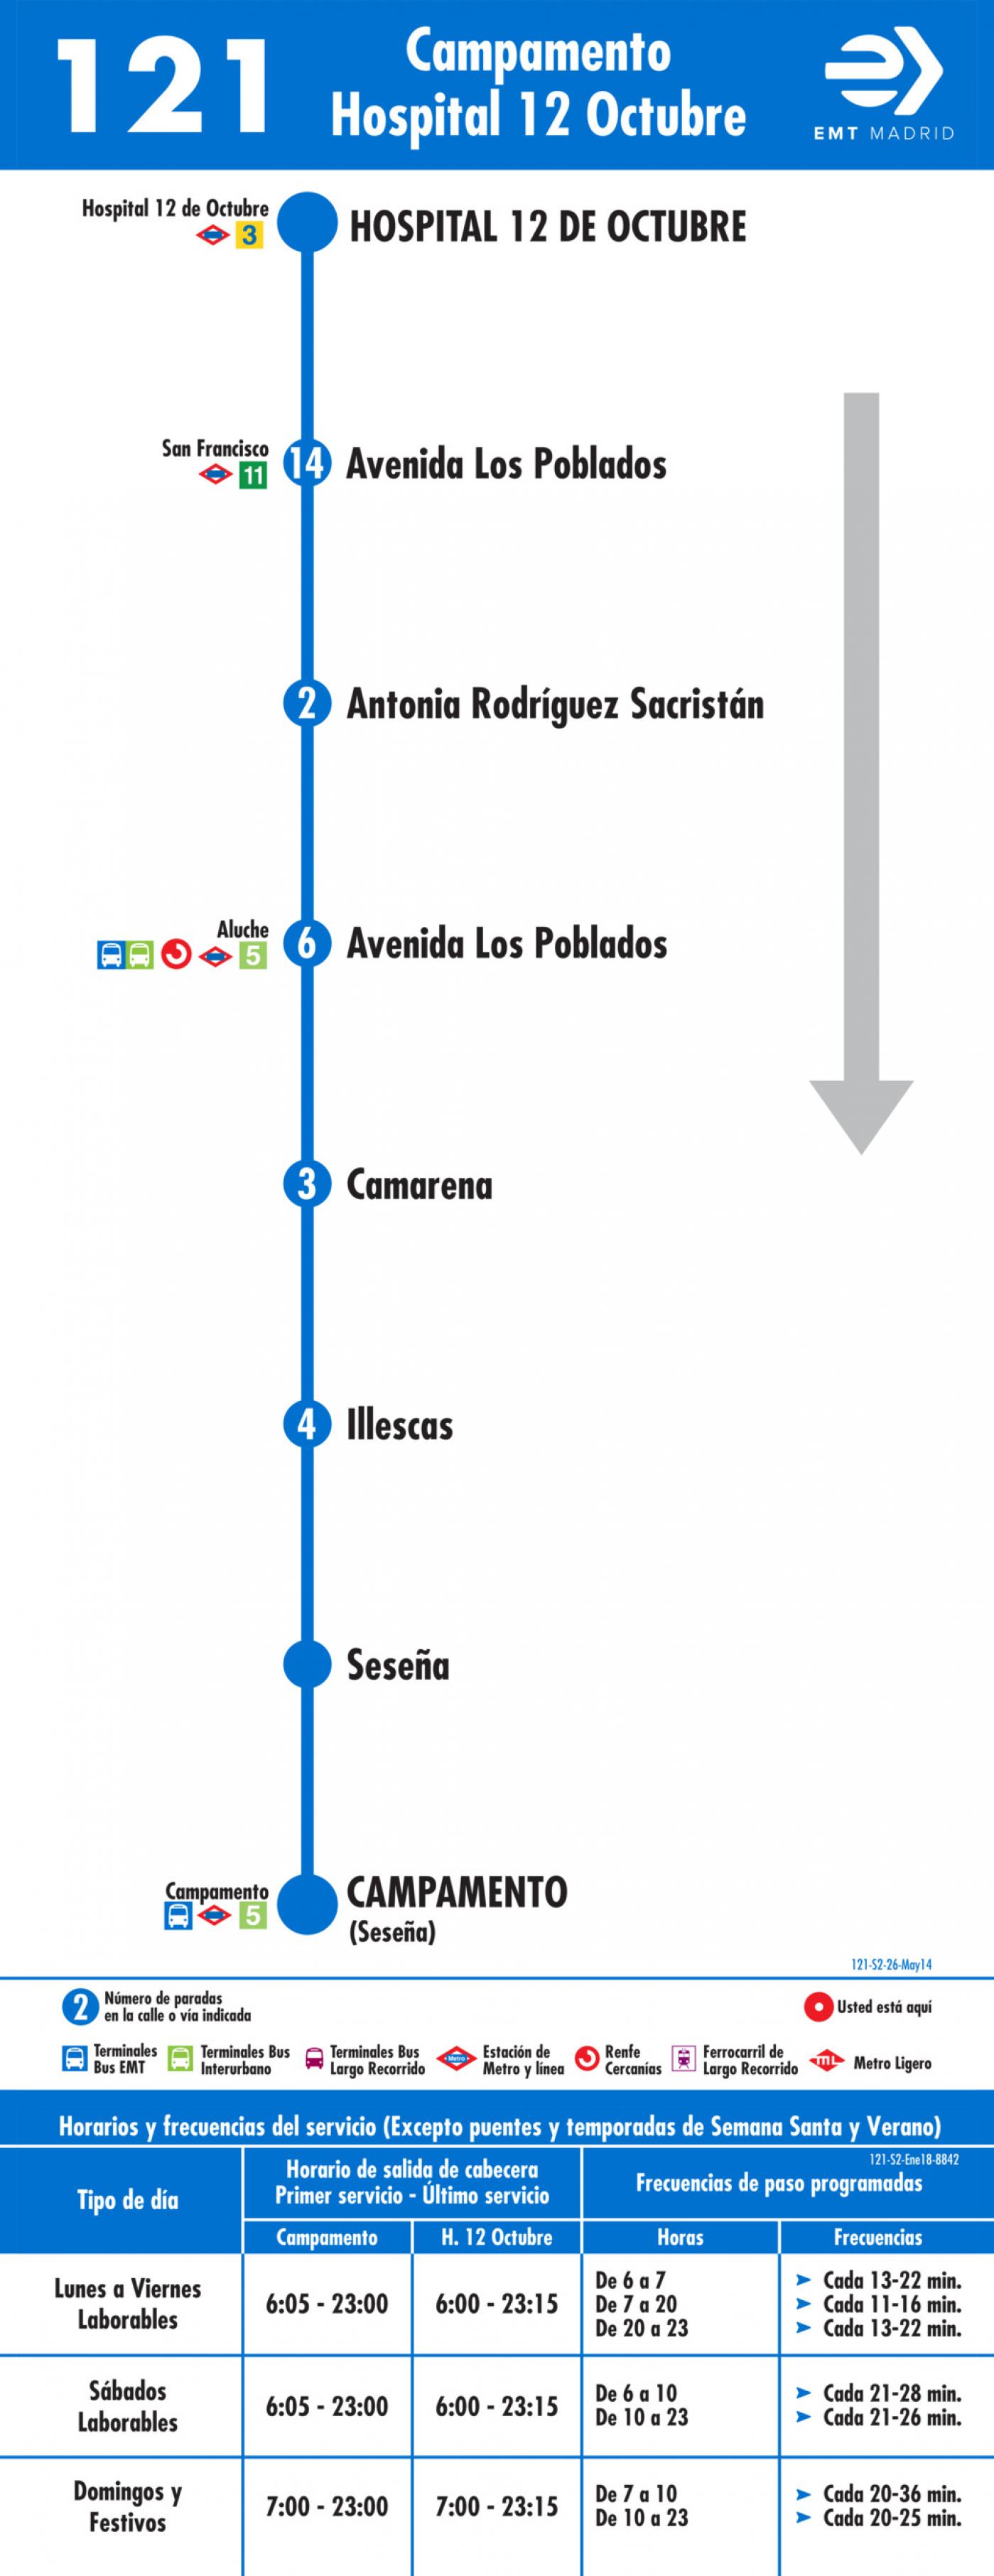 Tabla de horarios y frecuencias de paso en sentido vuelta Línea 121: Campamento - Hospital 12 de Octubre